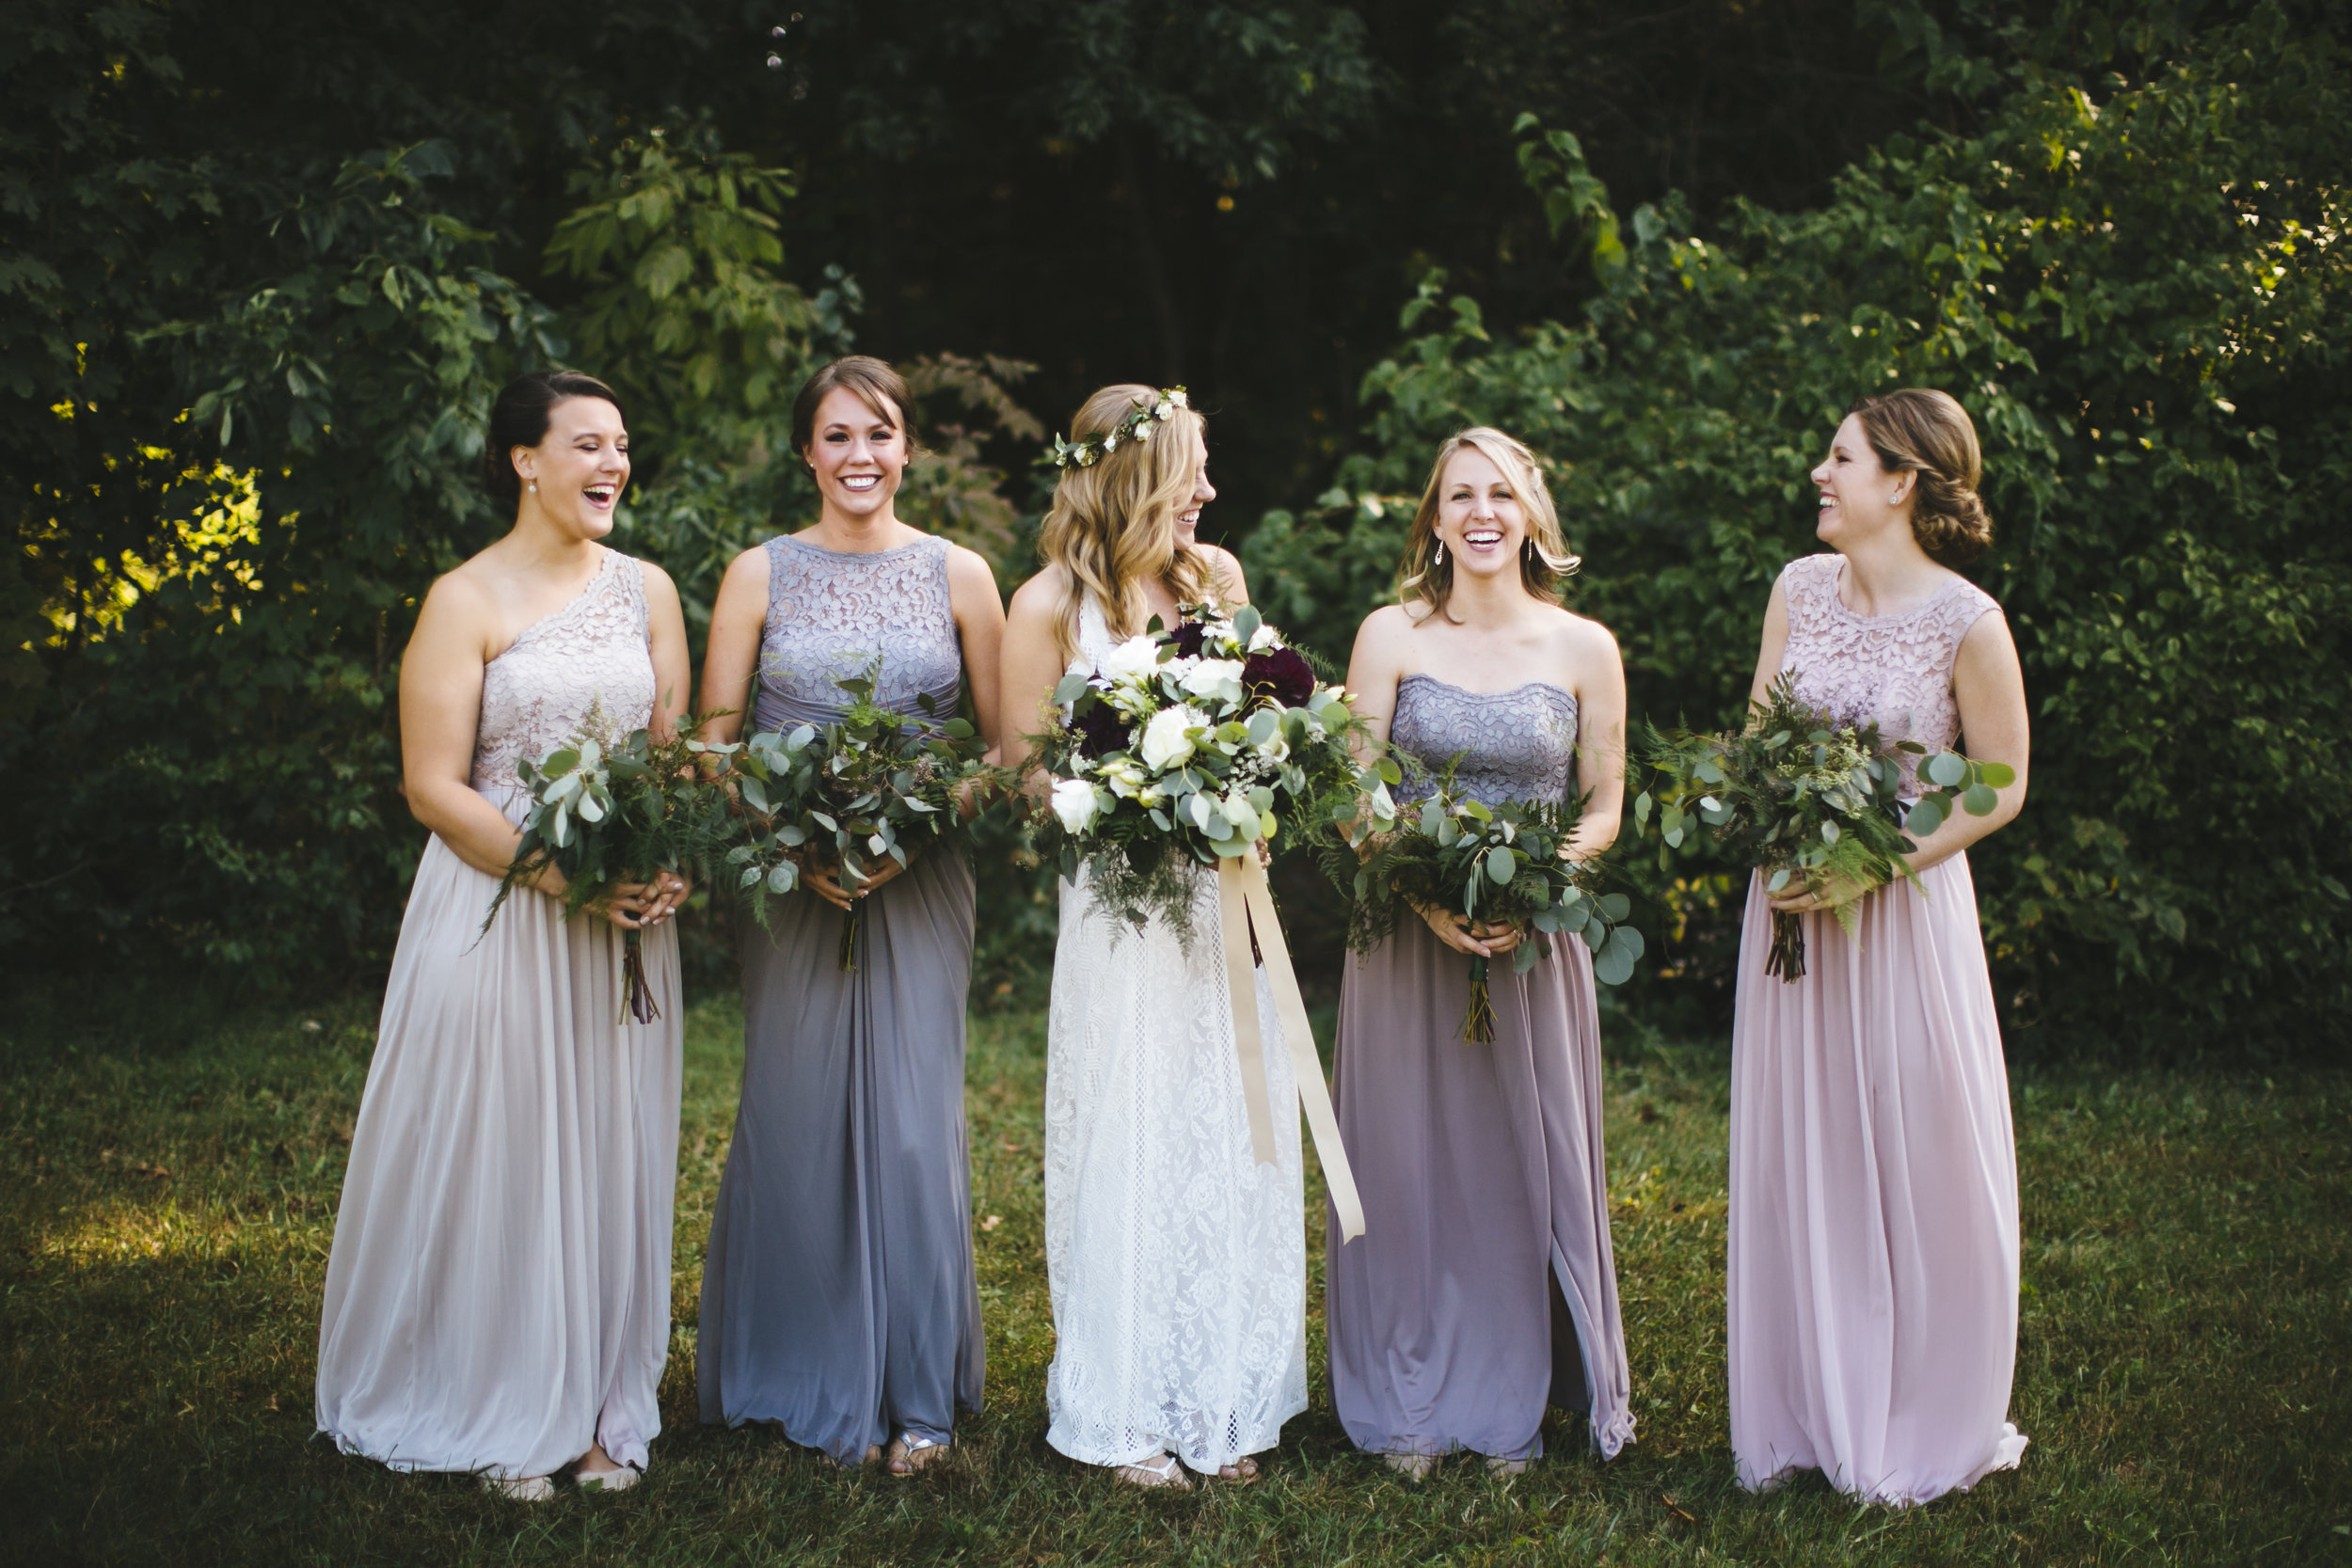 wedding__0161.jpg